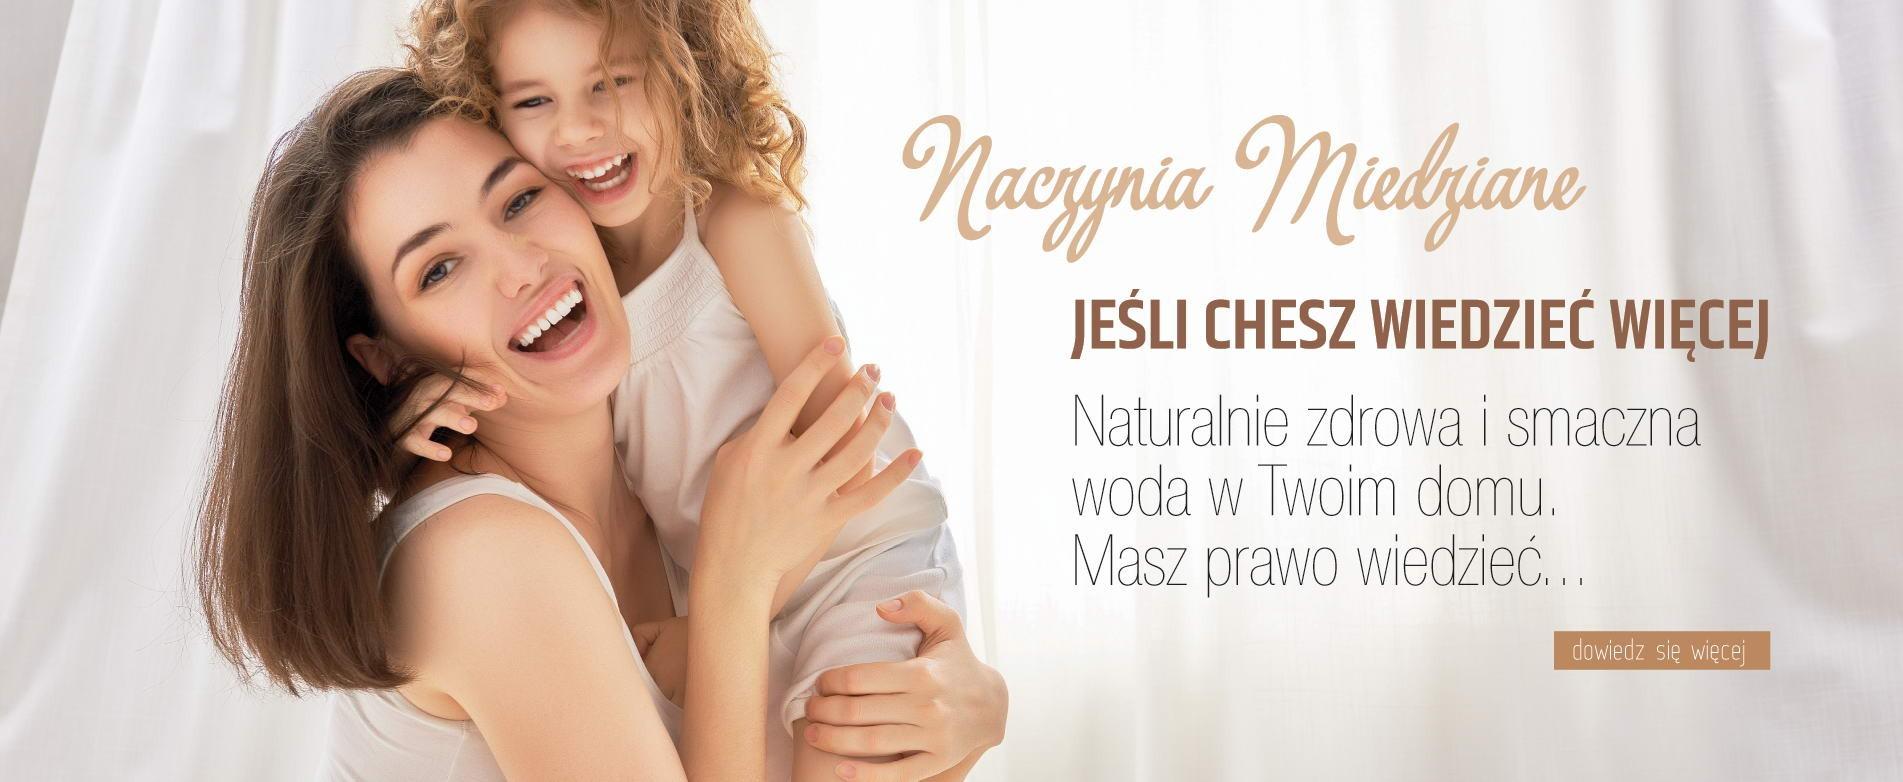 Naczynia Miedziane.pl – jeśli chcesz wiedzieć więcej